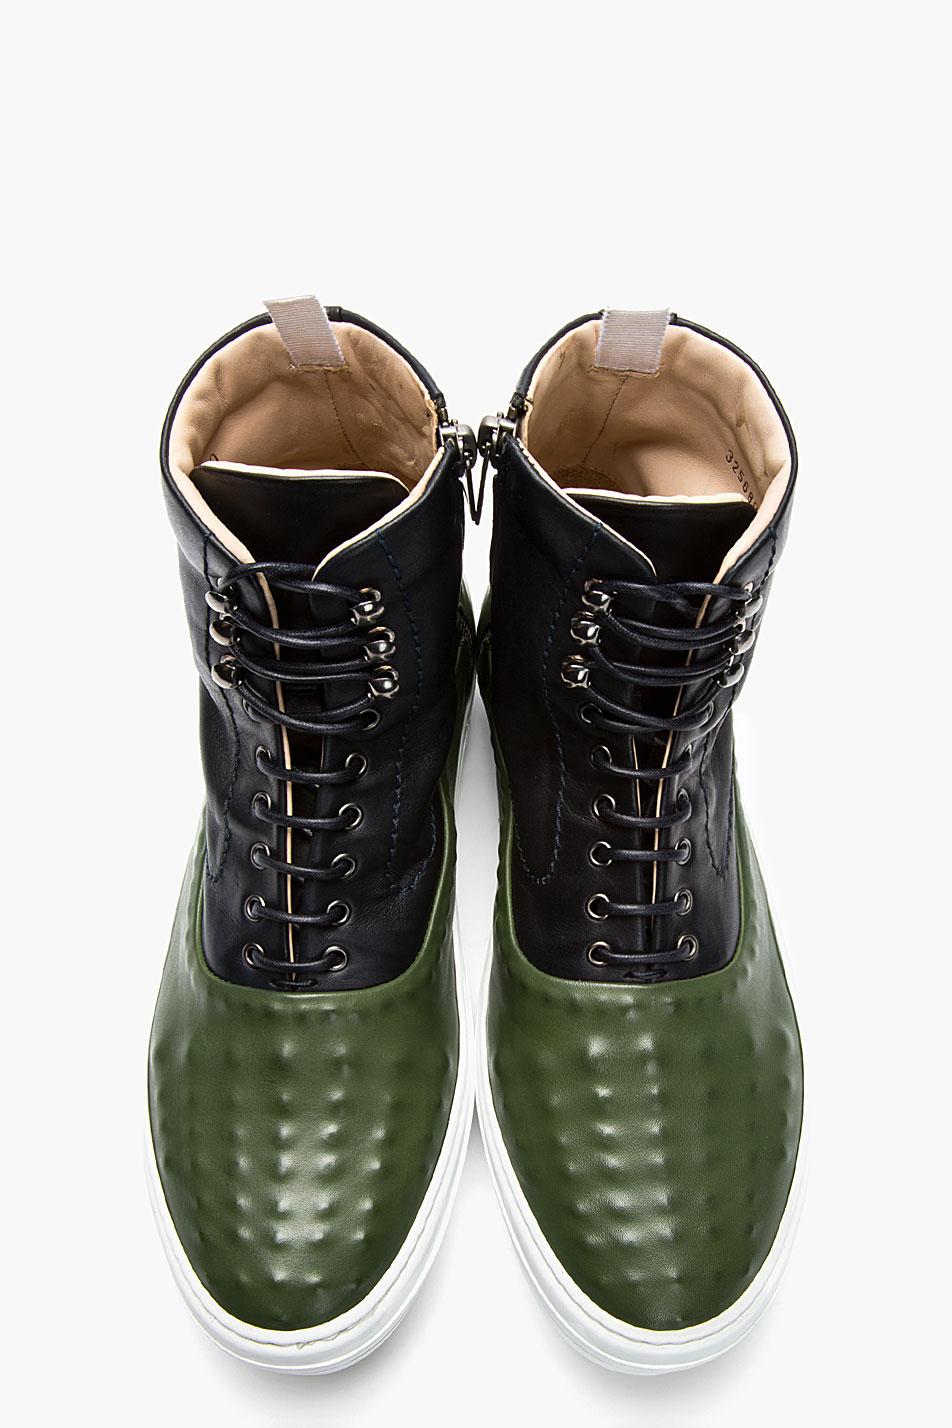 green navy Covered stud sneakers Alexander McQueen 1